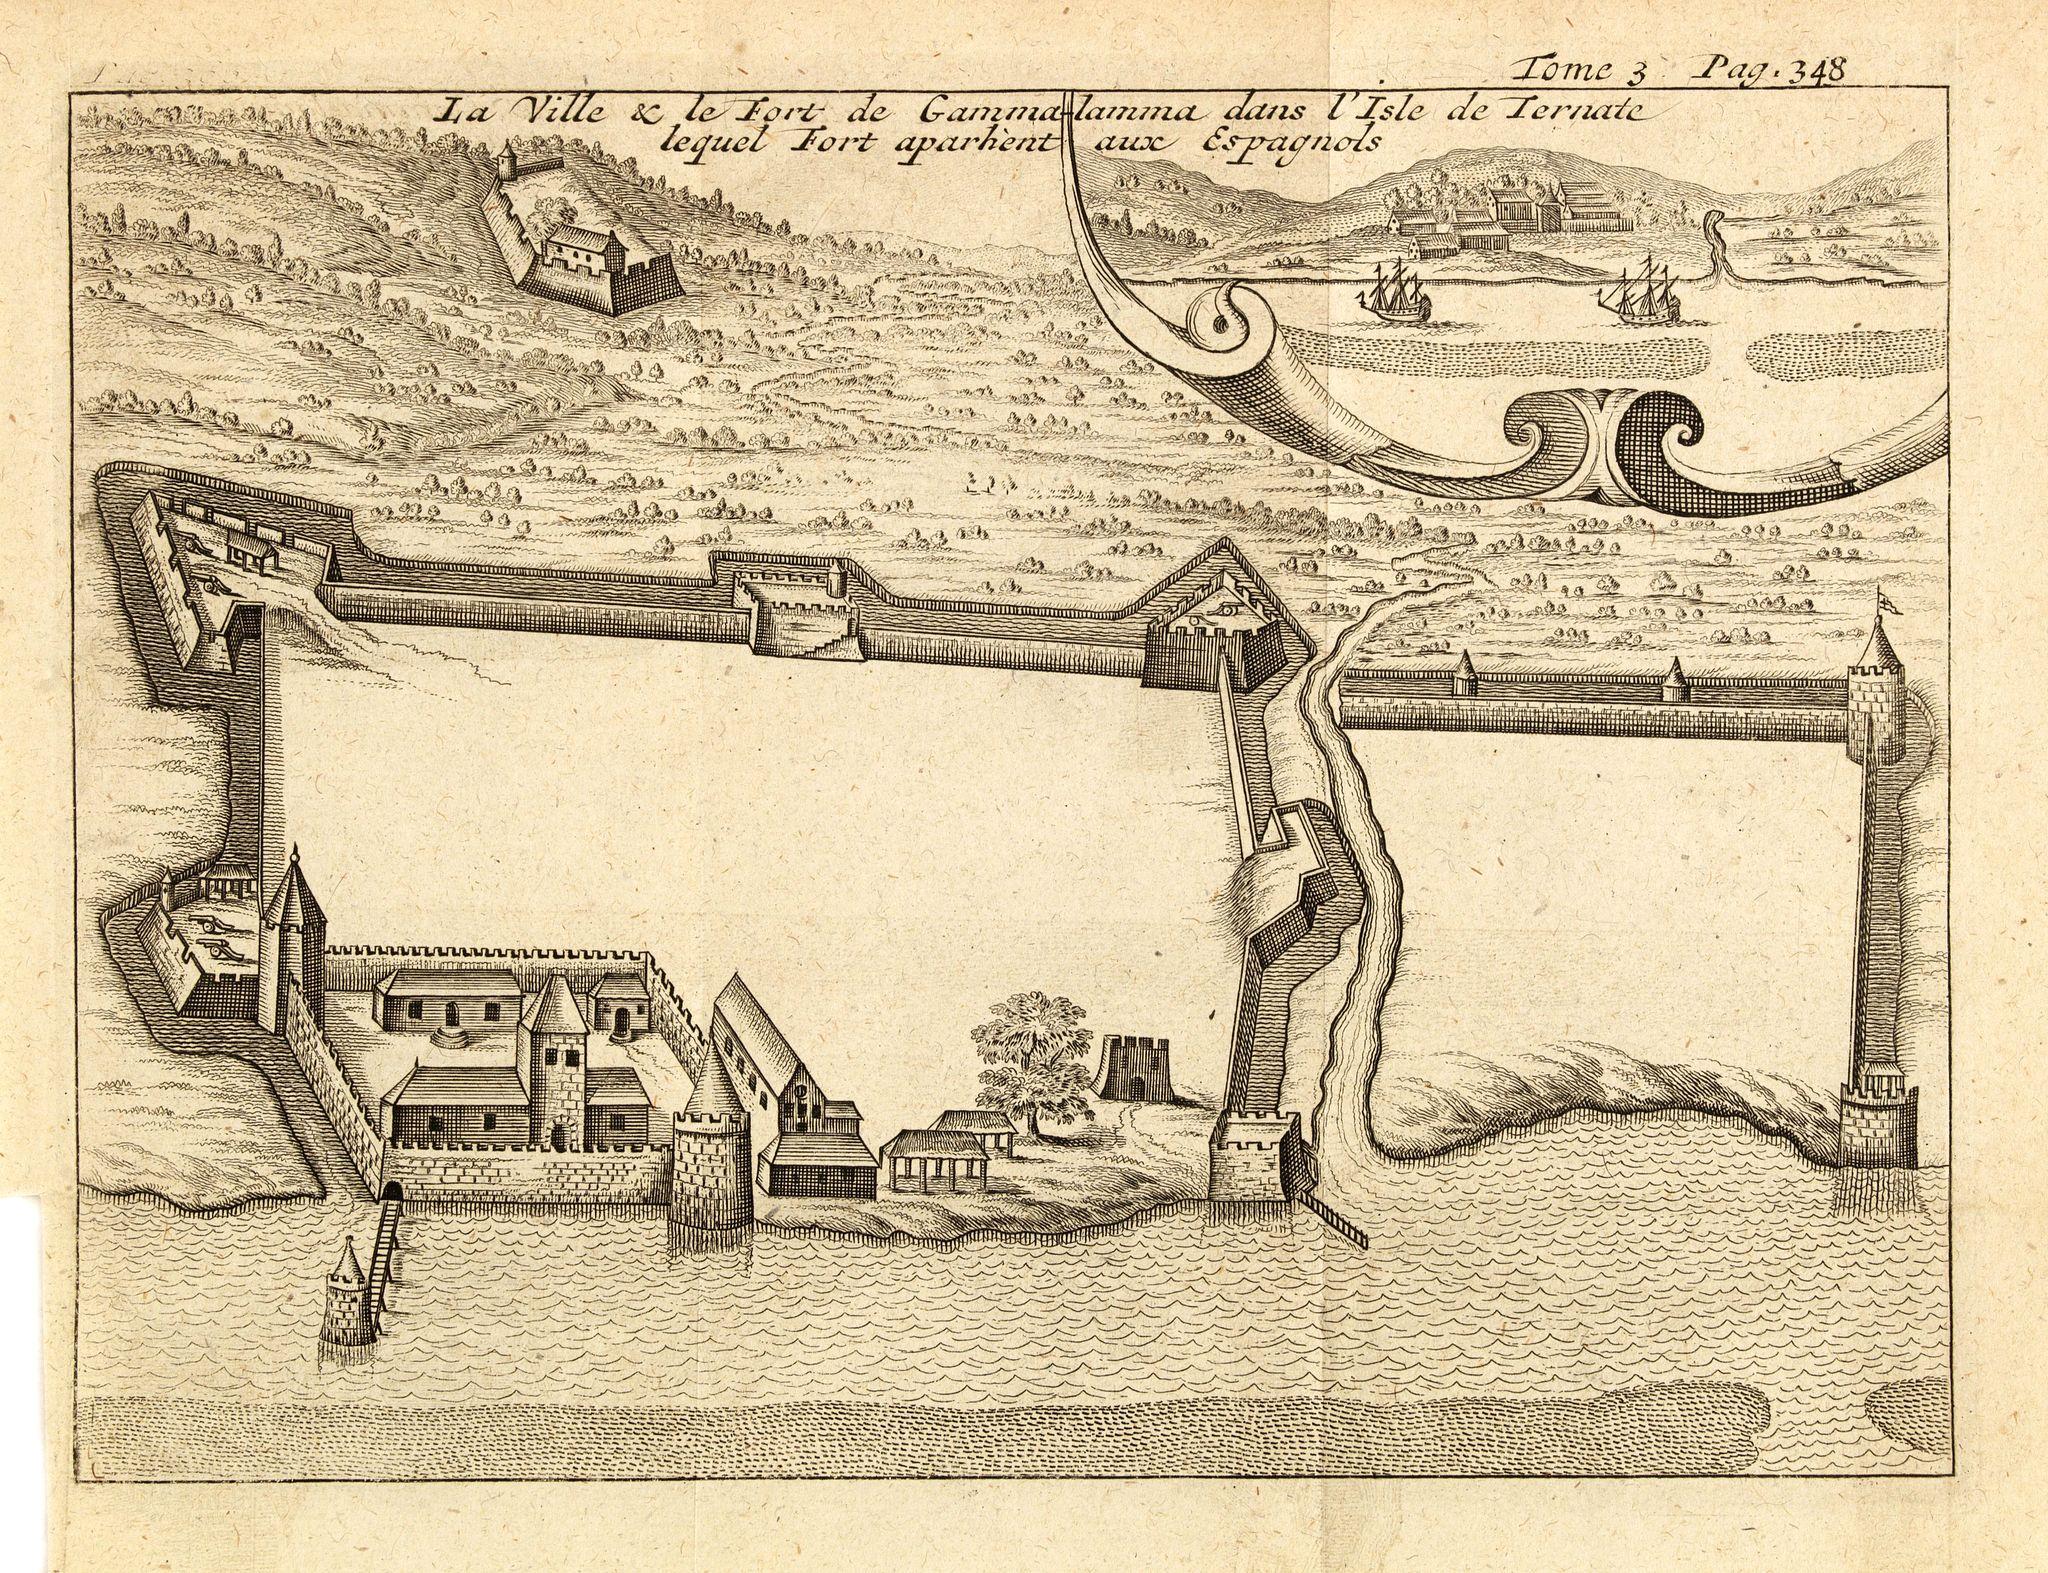 DE RENNEVILLE, R.A.C. -  La ville et le fort de Gamma-Lamma dans l'isle de Ternate lequel fort apartient aux Espagnols.